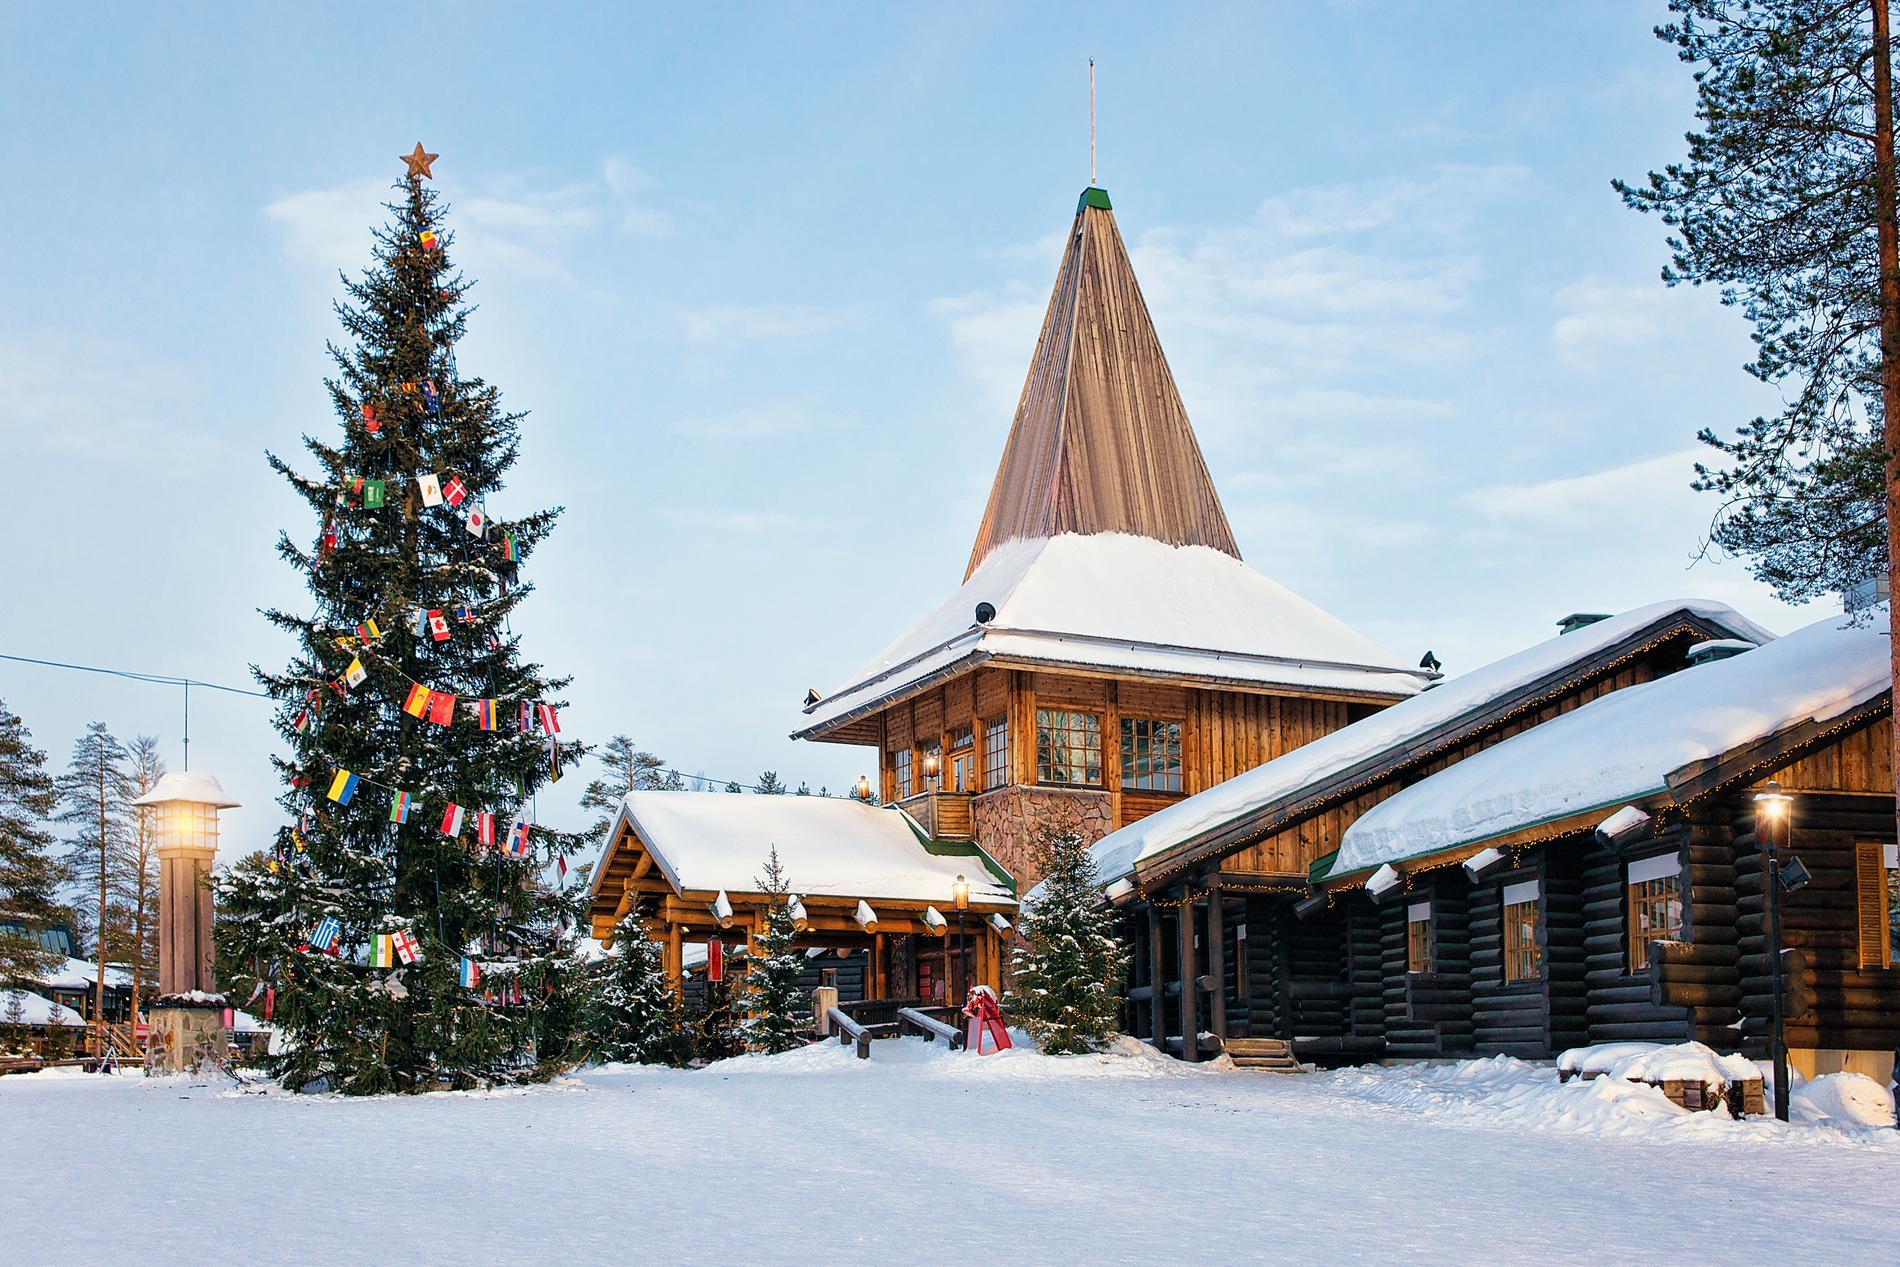 Tomtens by i finska Lappland anses vara väldigt julig.